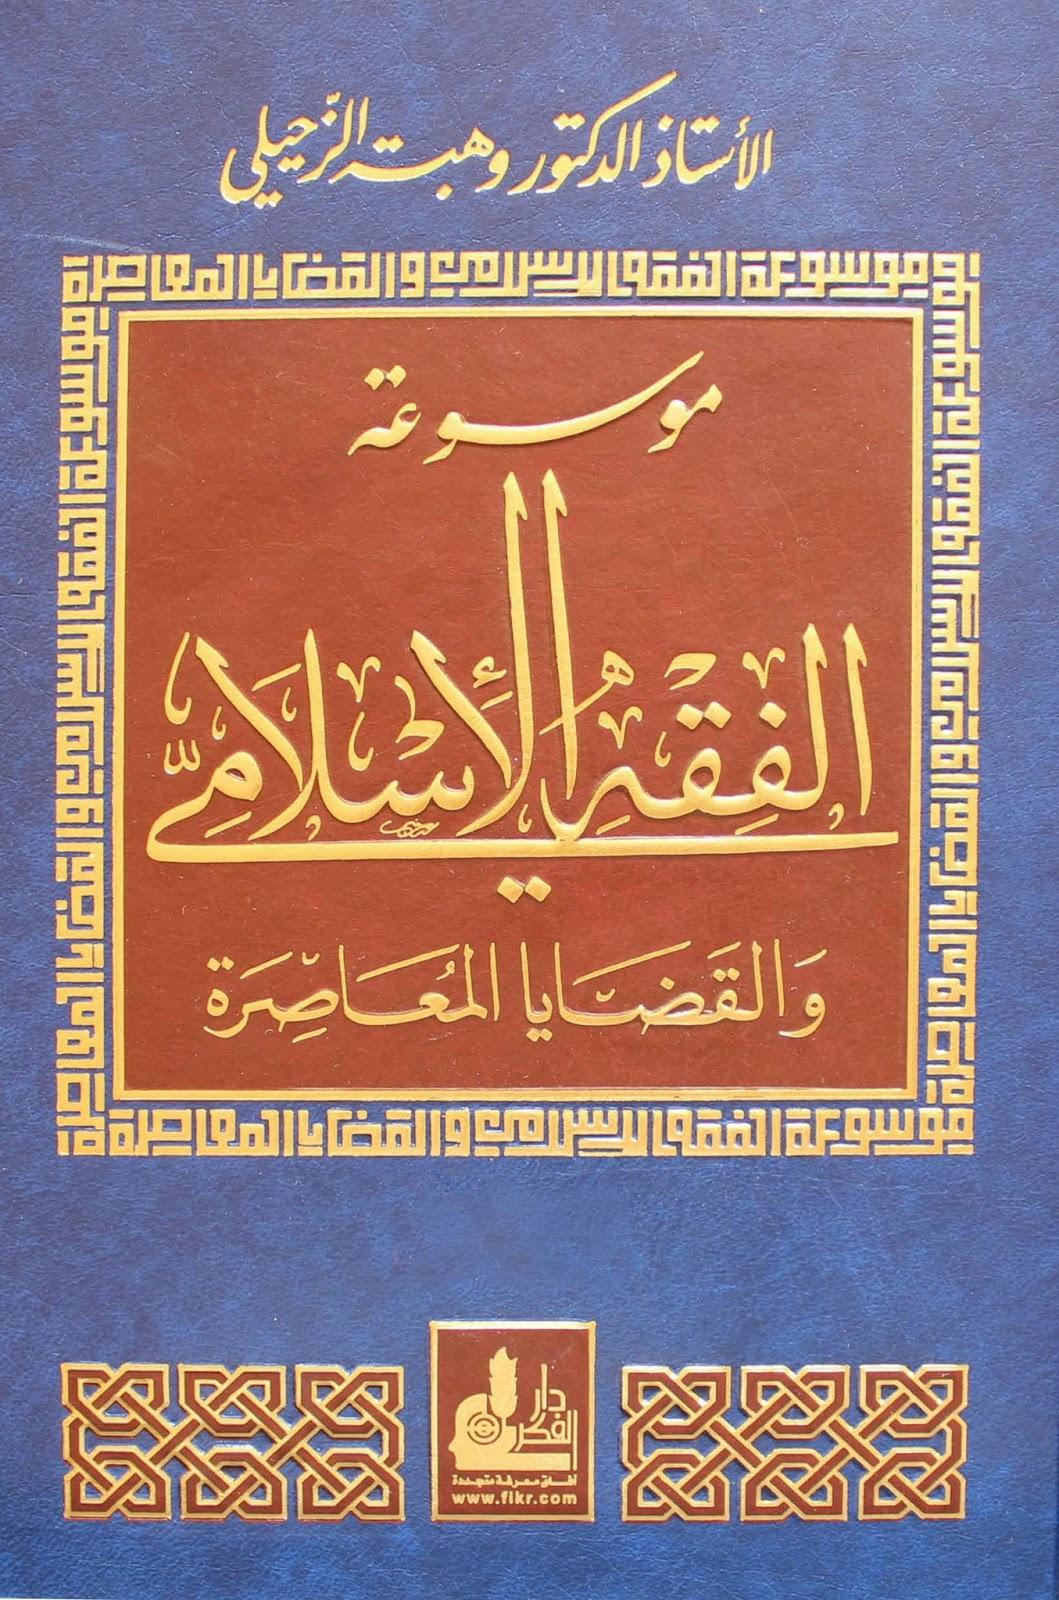 موسوعة الفقه الإسلامي والقضايا المعاصرة - وهبة الزحيلي pdf